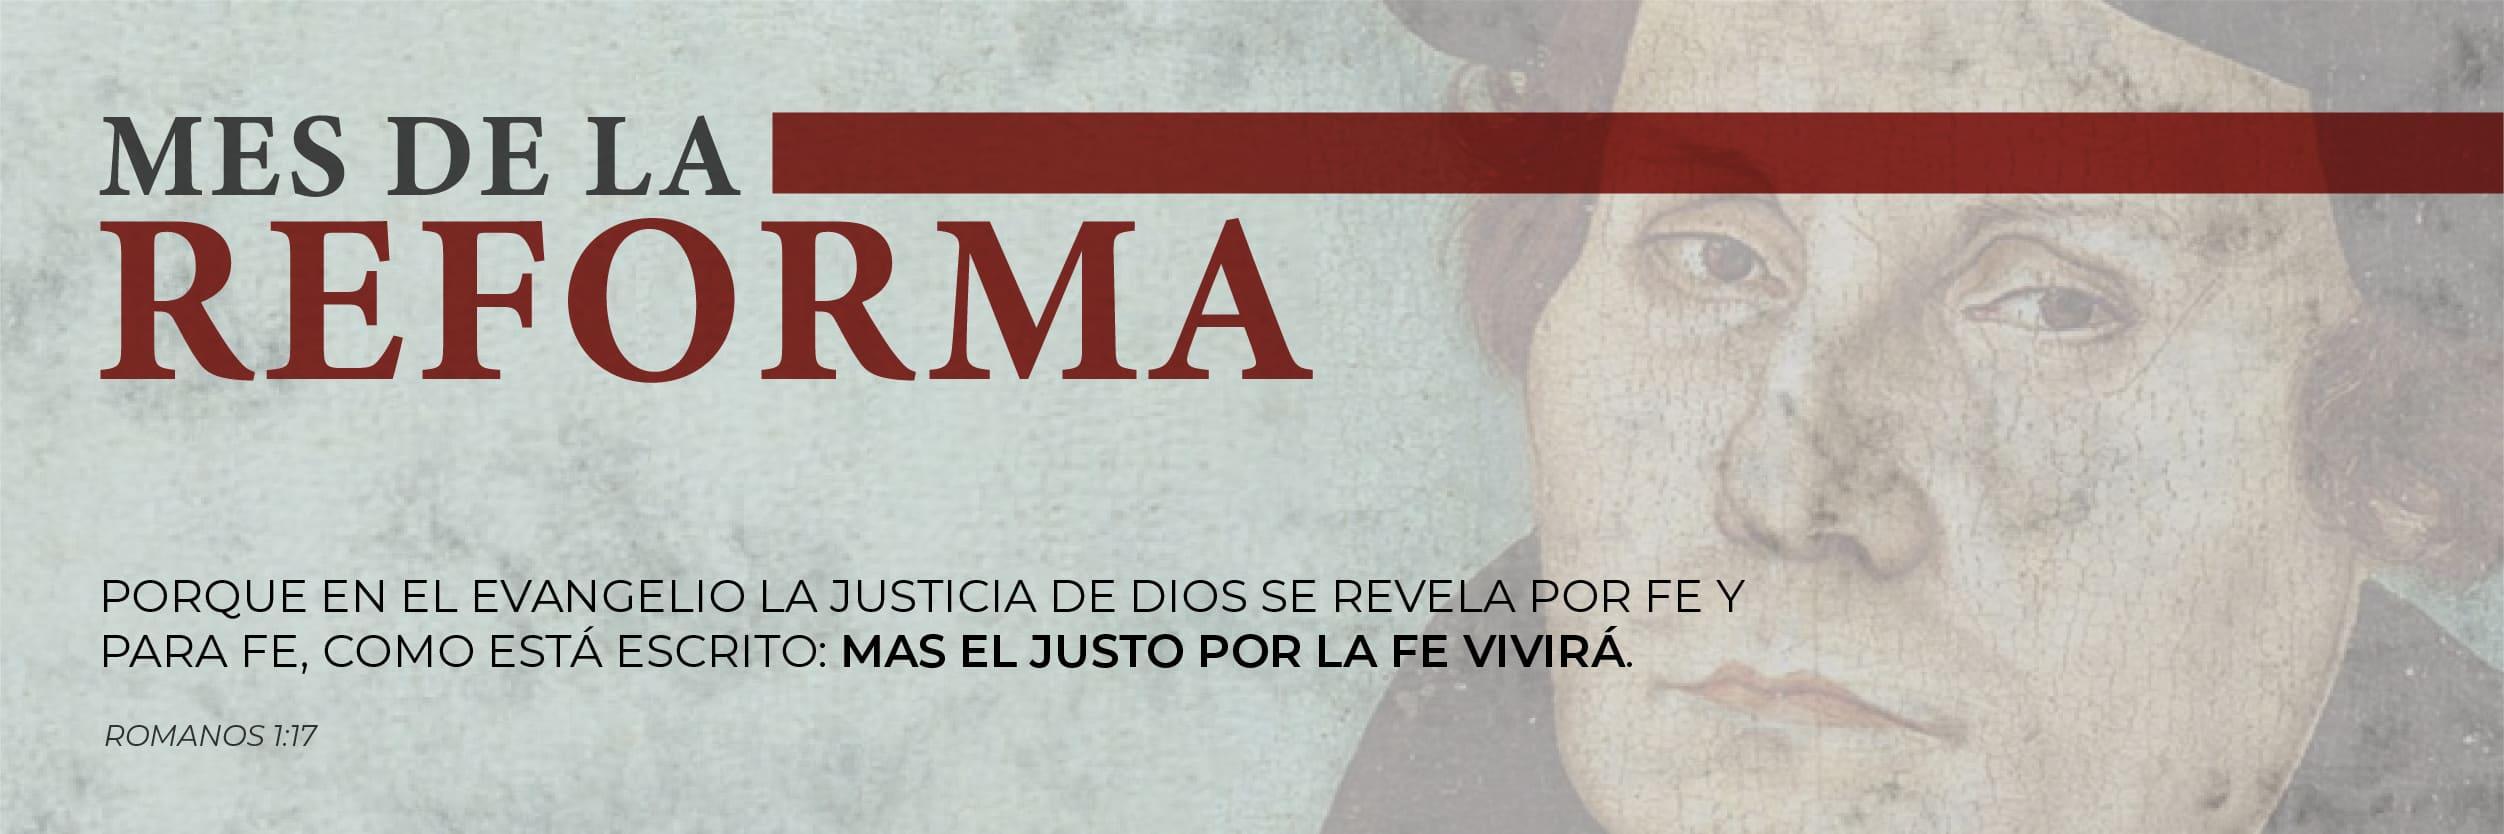 1 Mes de la Reforma